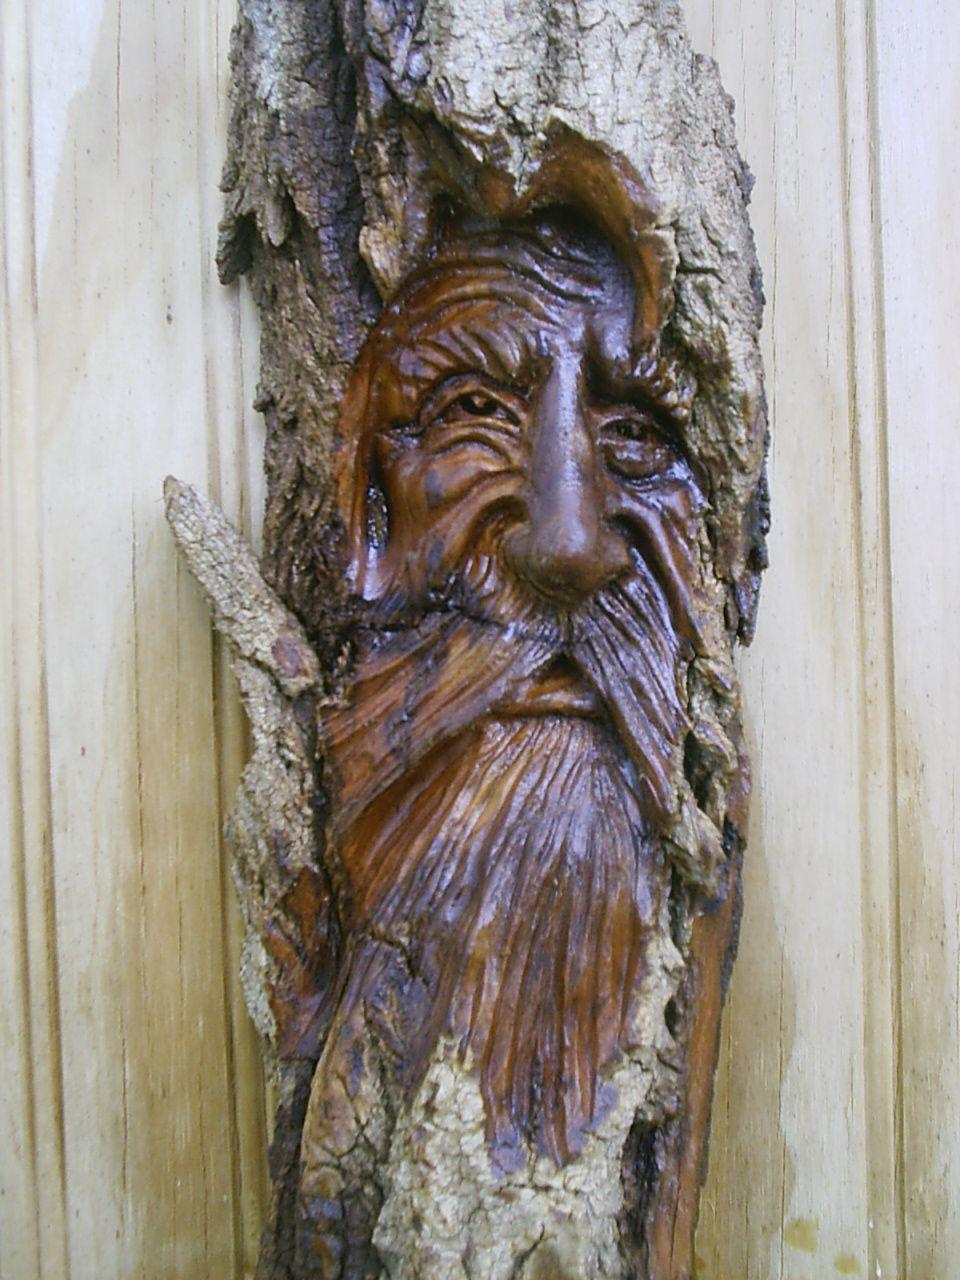 Wood spirit g  carvings pinterest